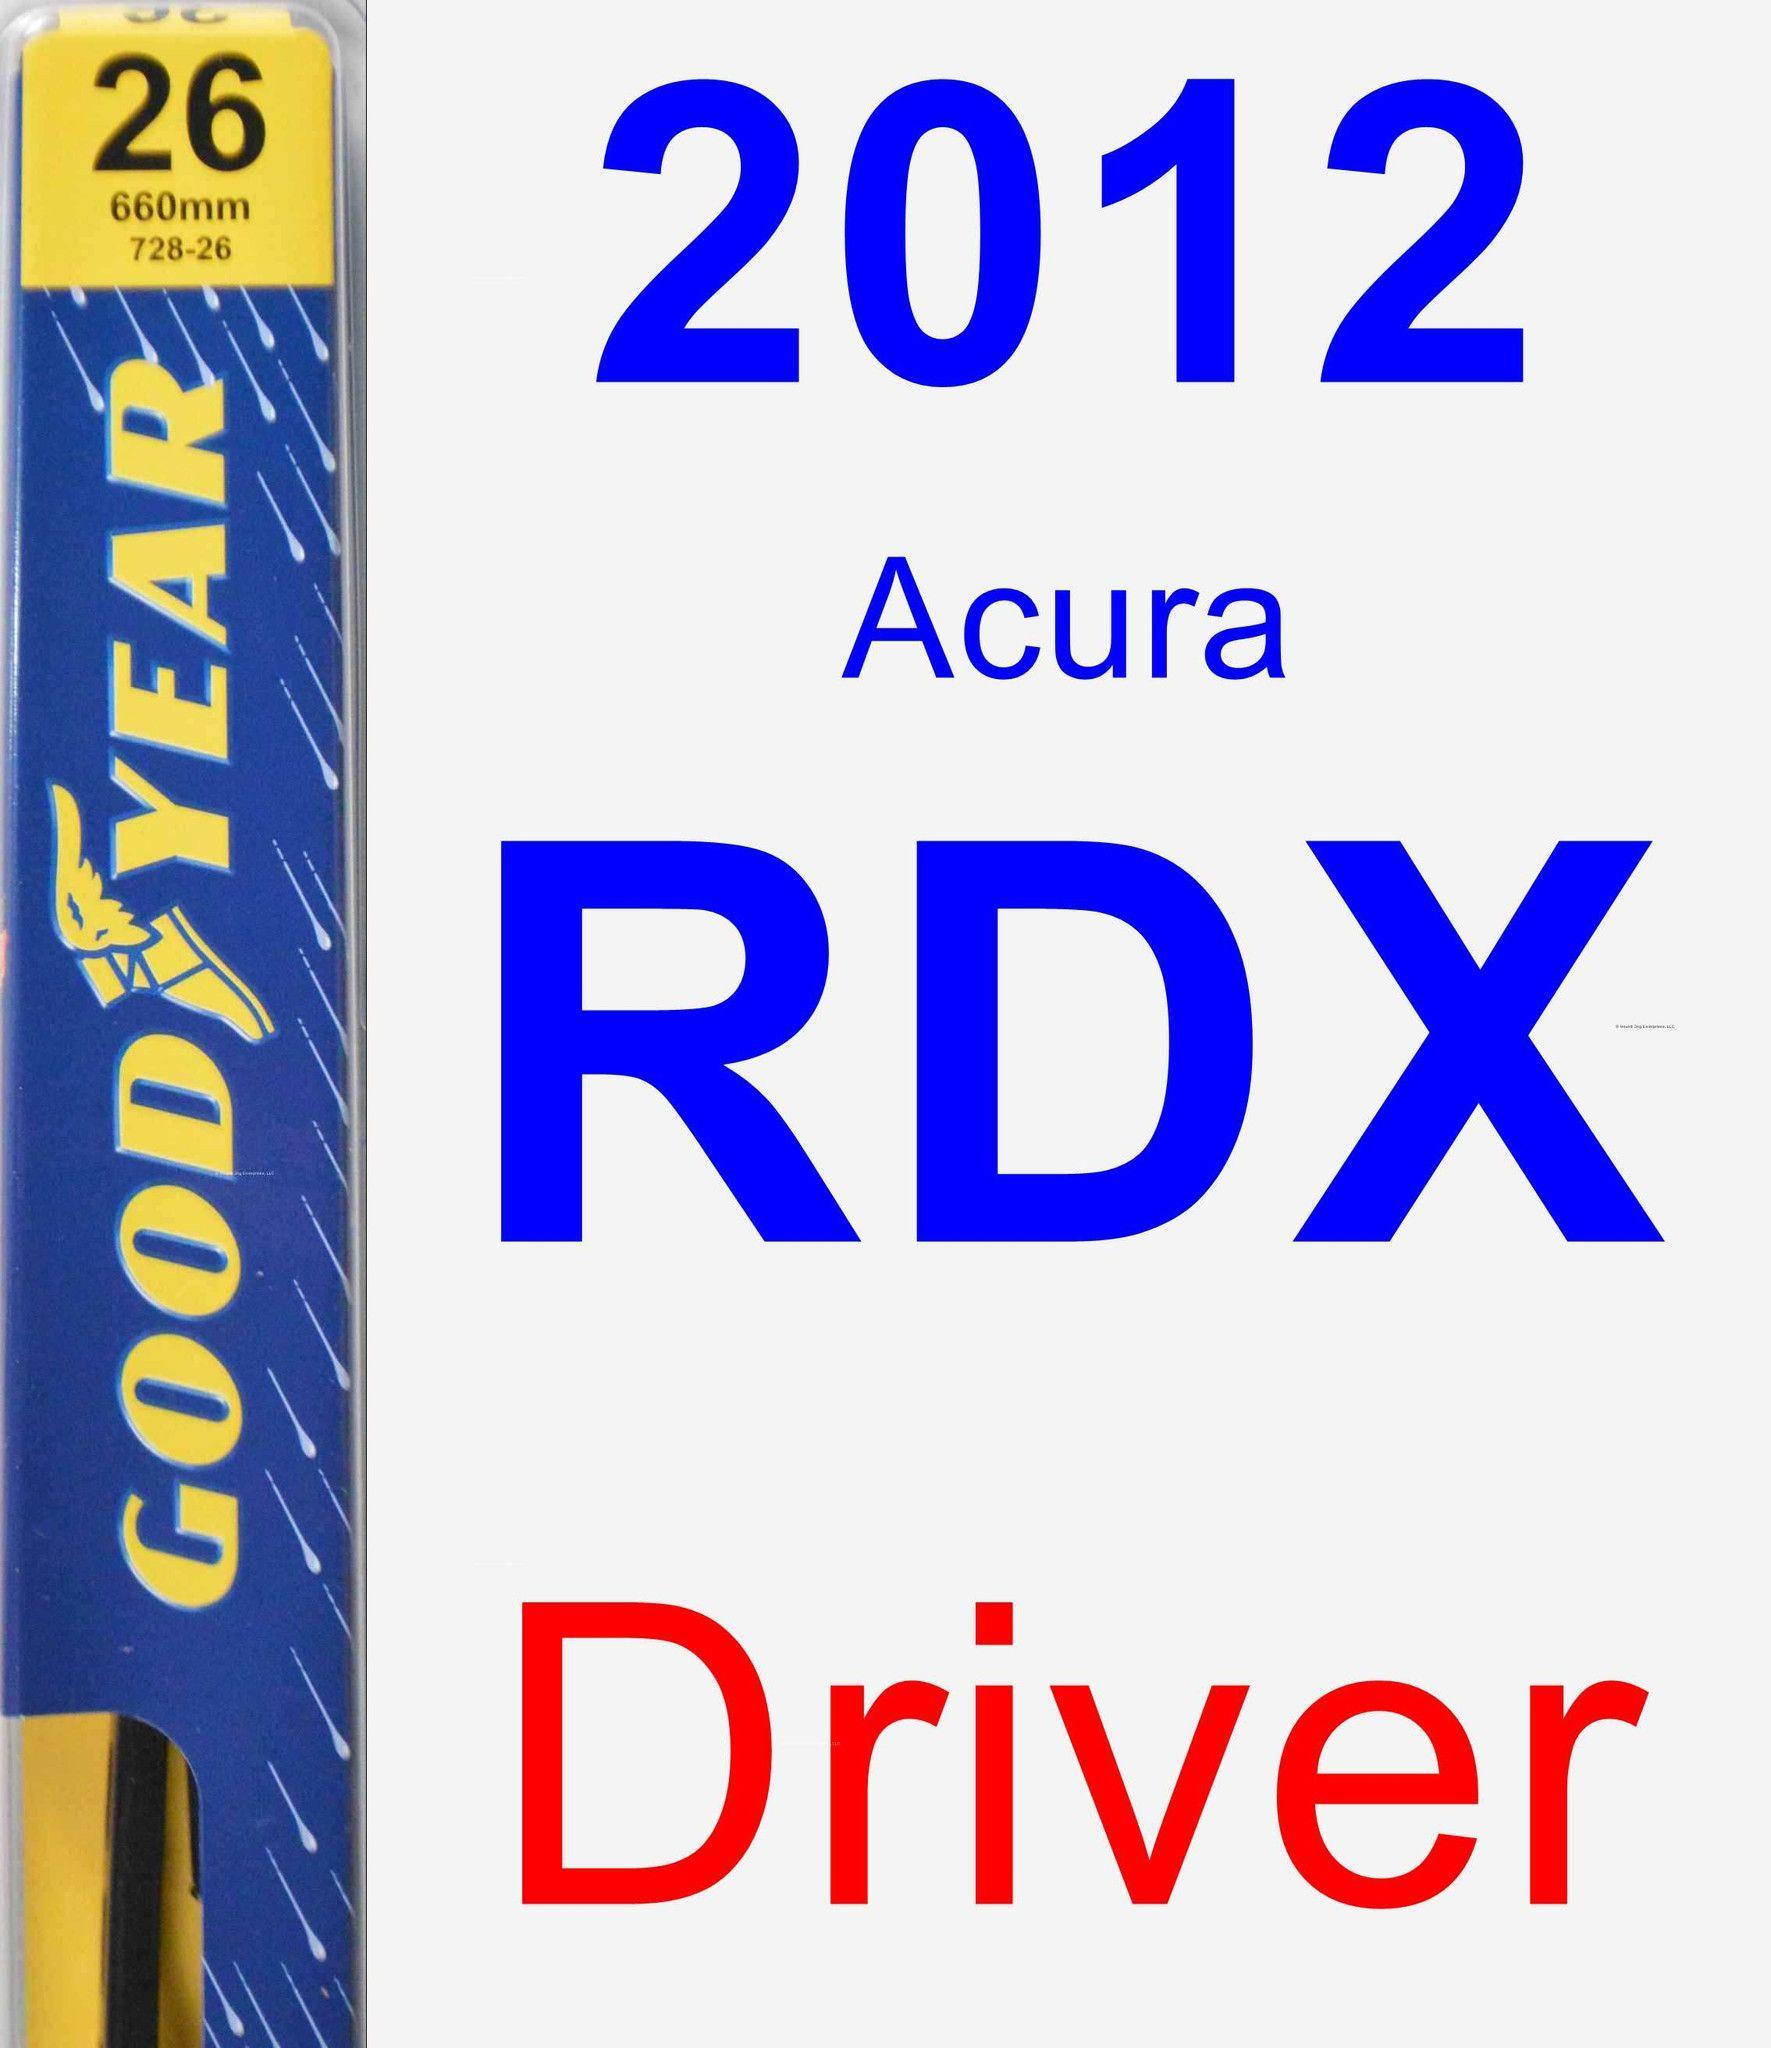 Driver Wiper Blade For 2012 Acura RDX - Premium